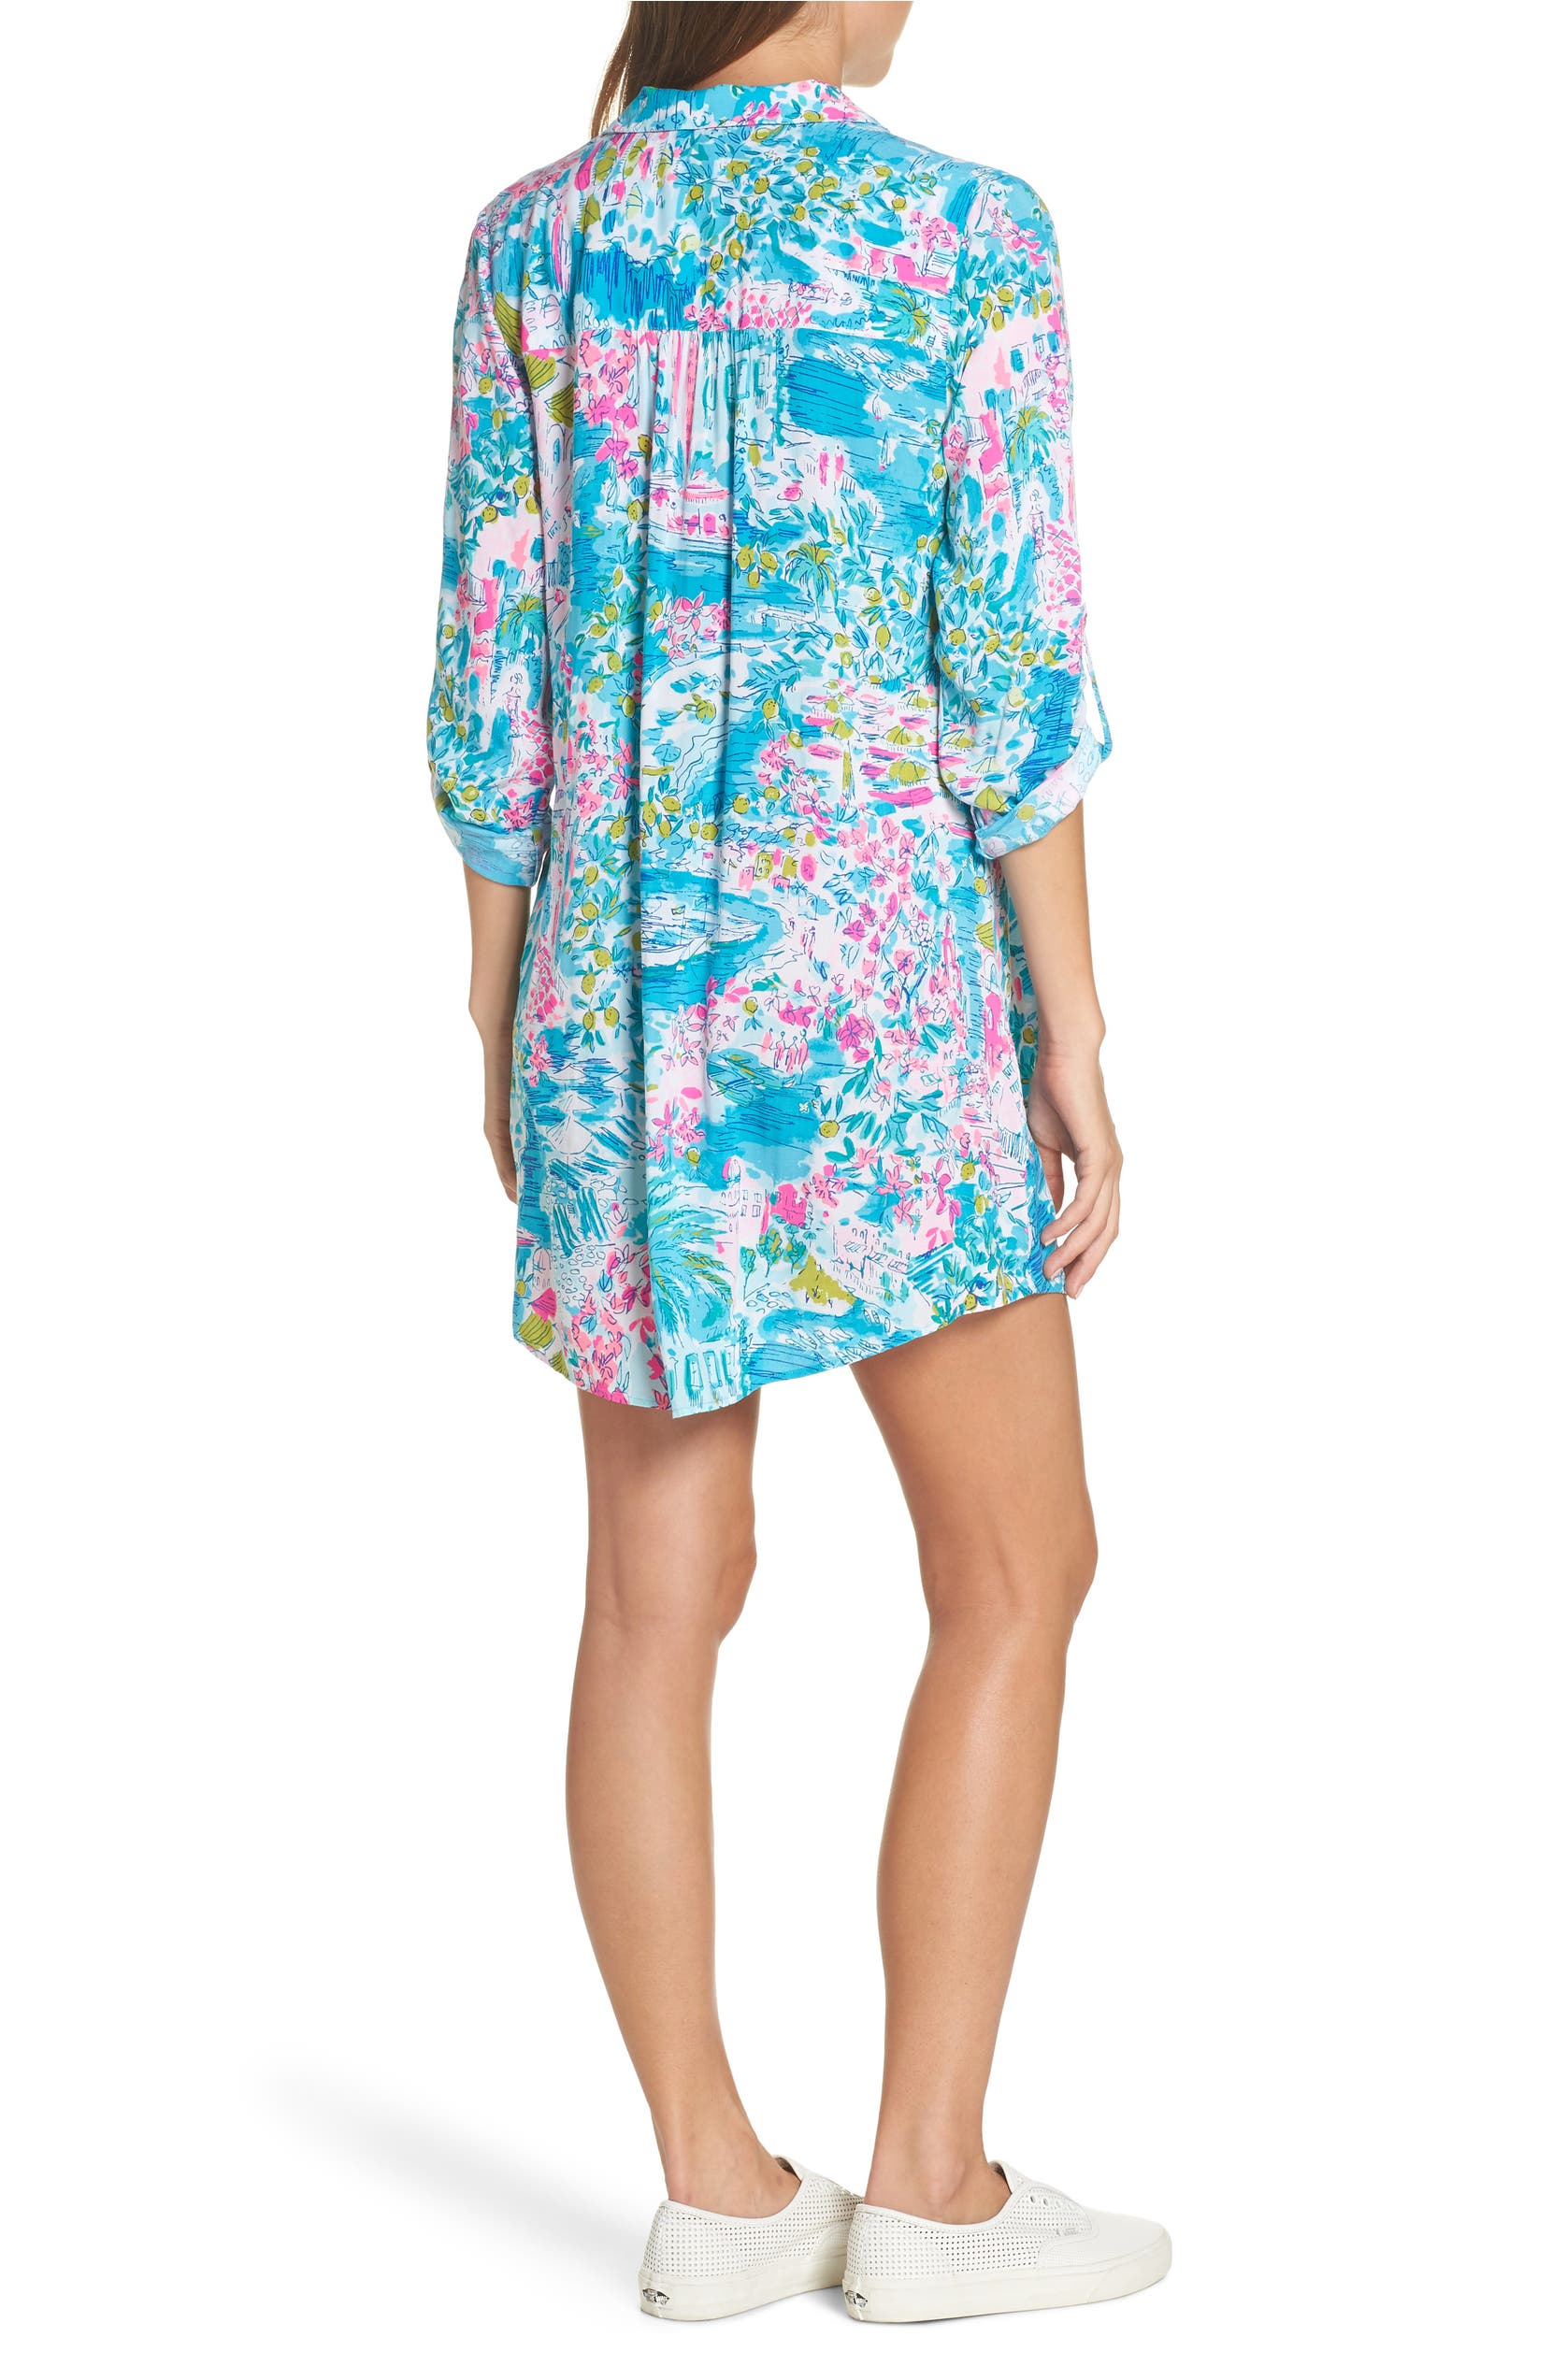 67bccb6ff9e27 Lilly Pulitzer® Natalie Shirtdress Cover-Up